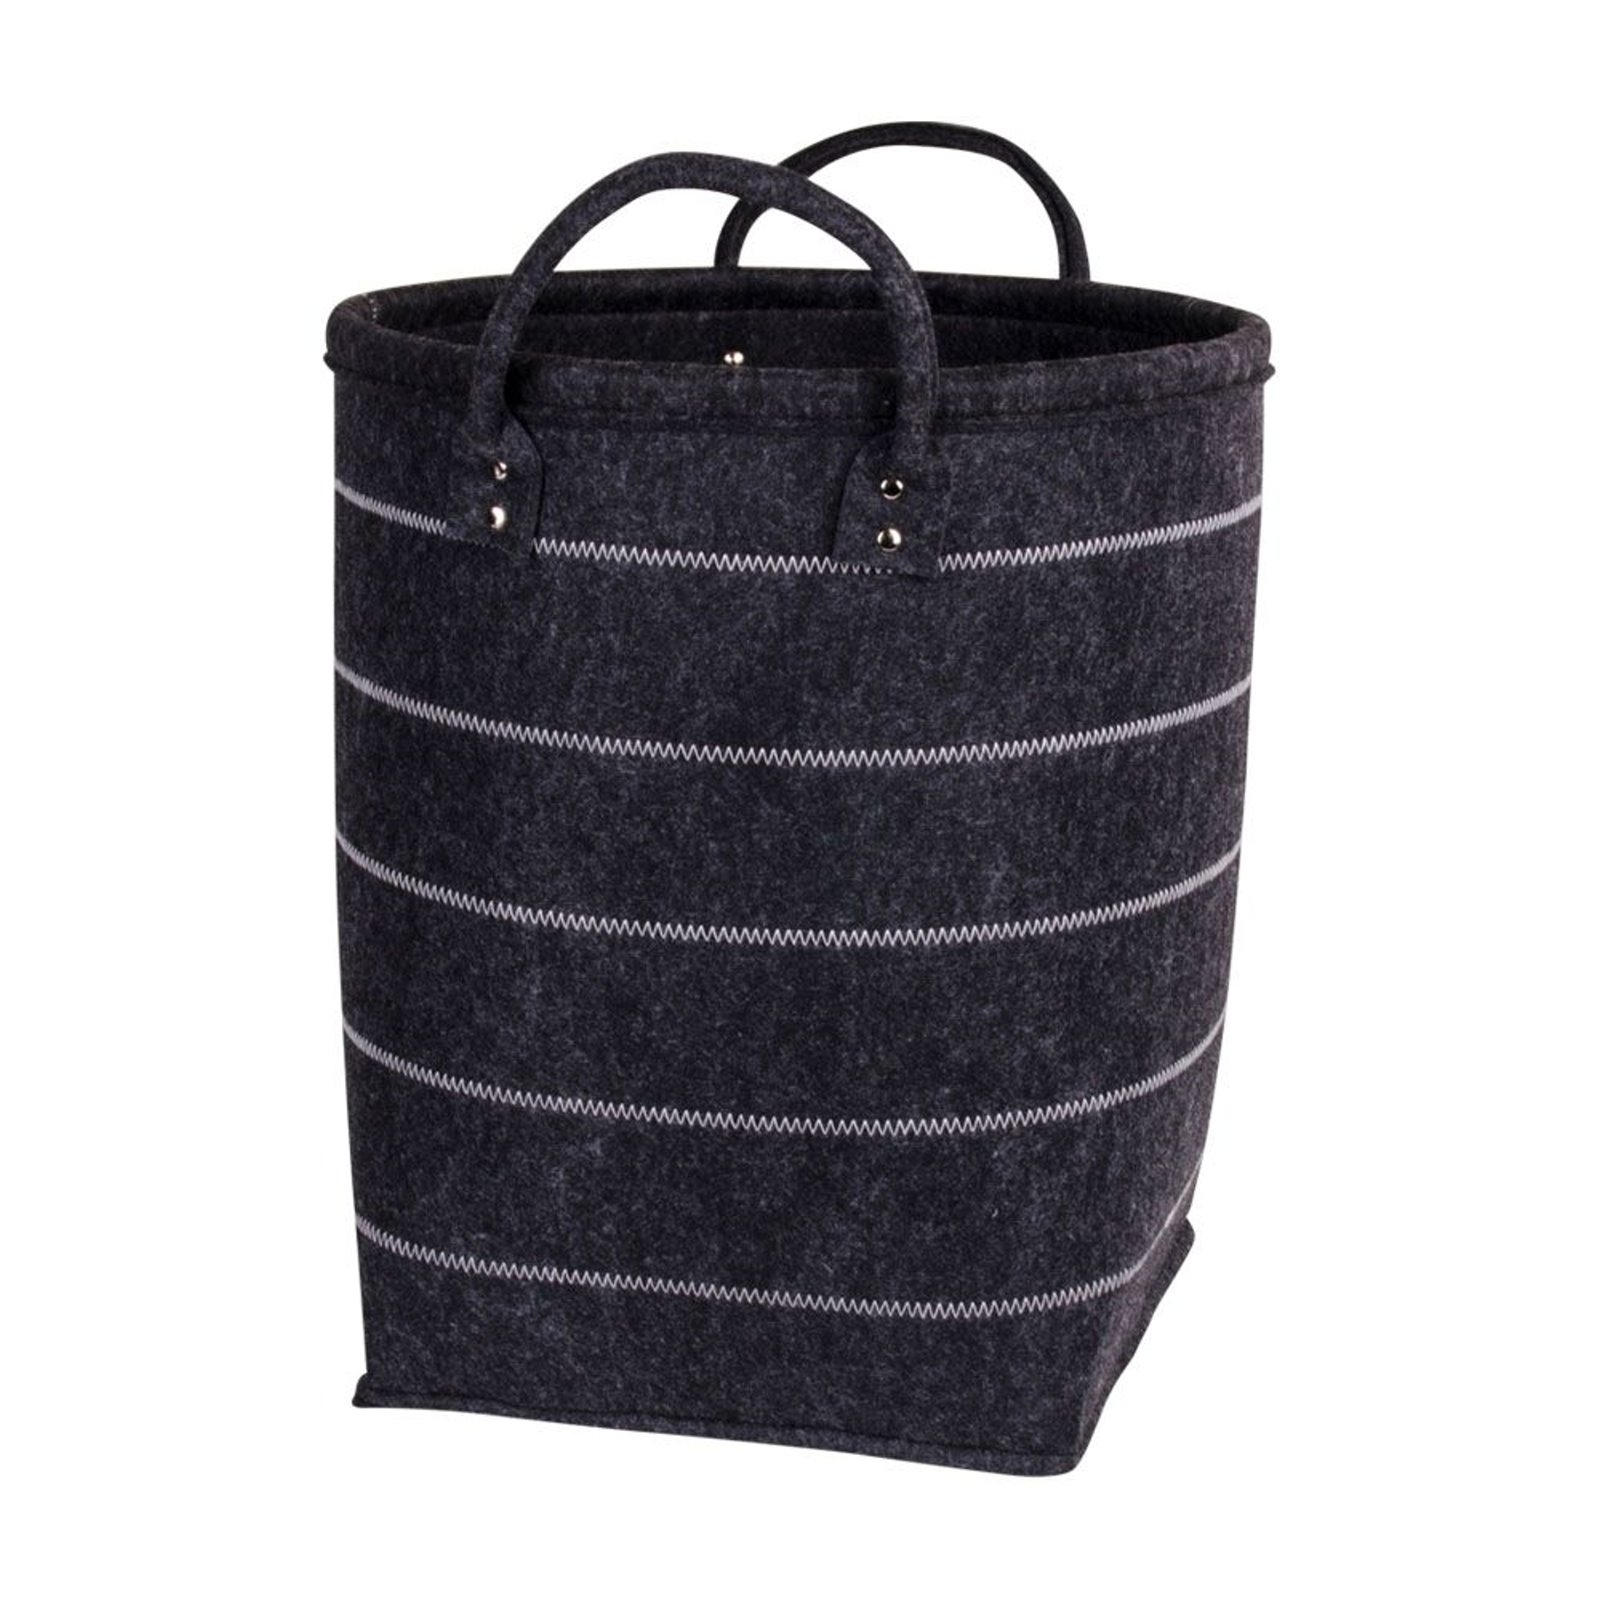 4tlg korb set sara in grau mit griffen k rbe kosmetik aufbewahrung deko m bel wohnen wohnzimmer. Black Bedroom Furniture Sets. Home Design Ideas